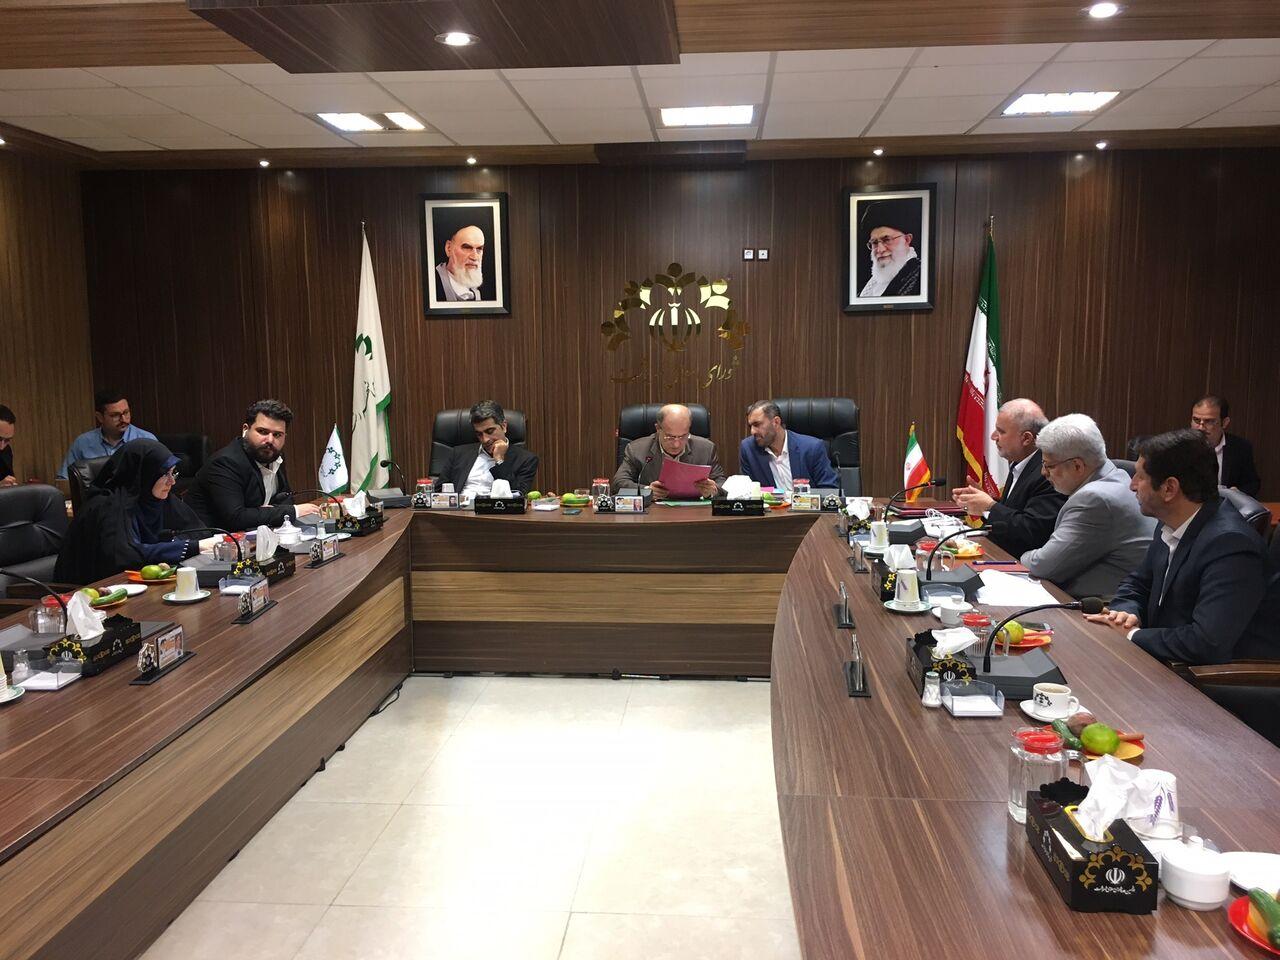 انتخاب  اصلح در روز سرنوشت ساز شورای شهر رشت